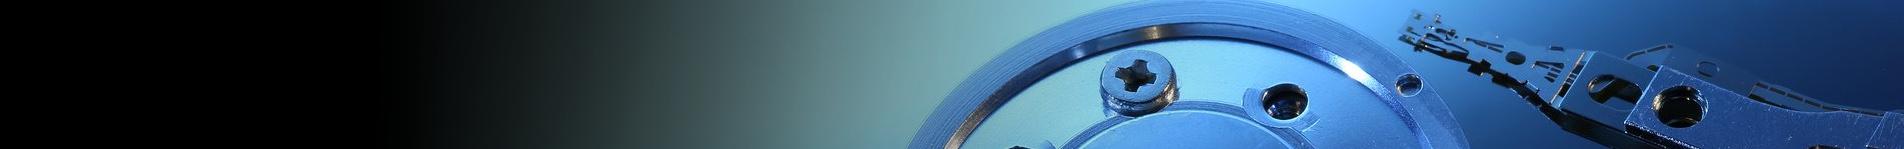 Hard Disk Banner